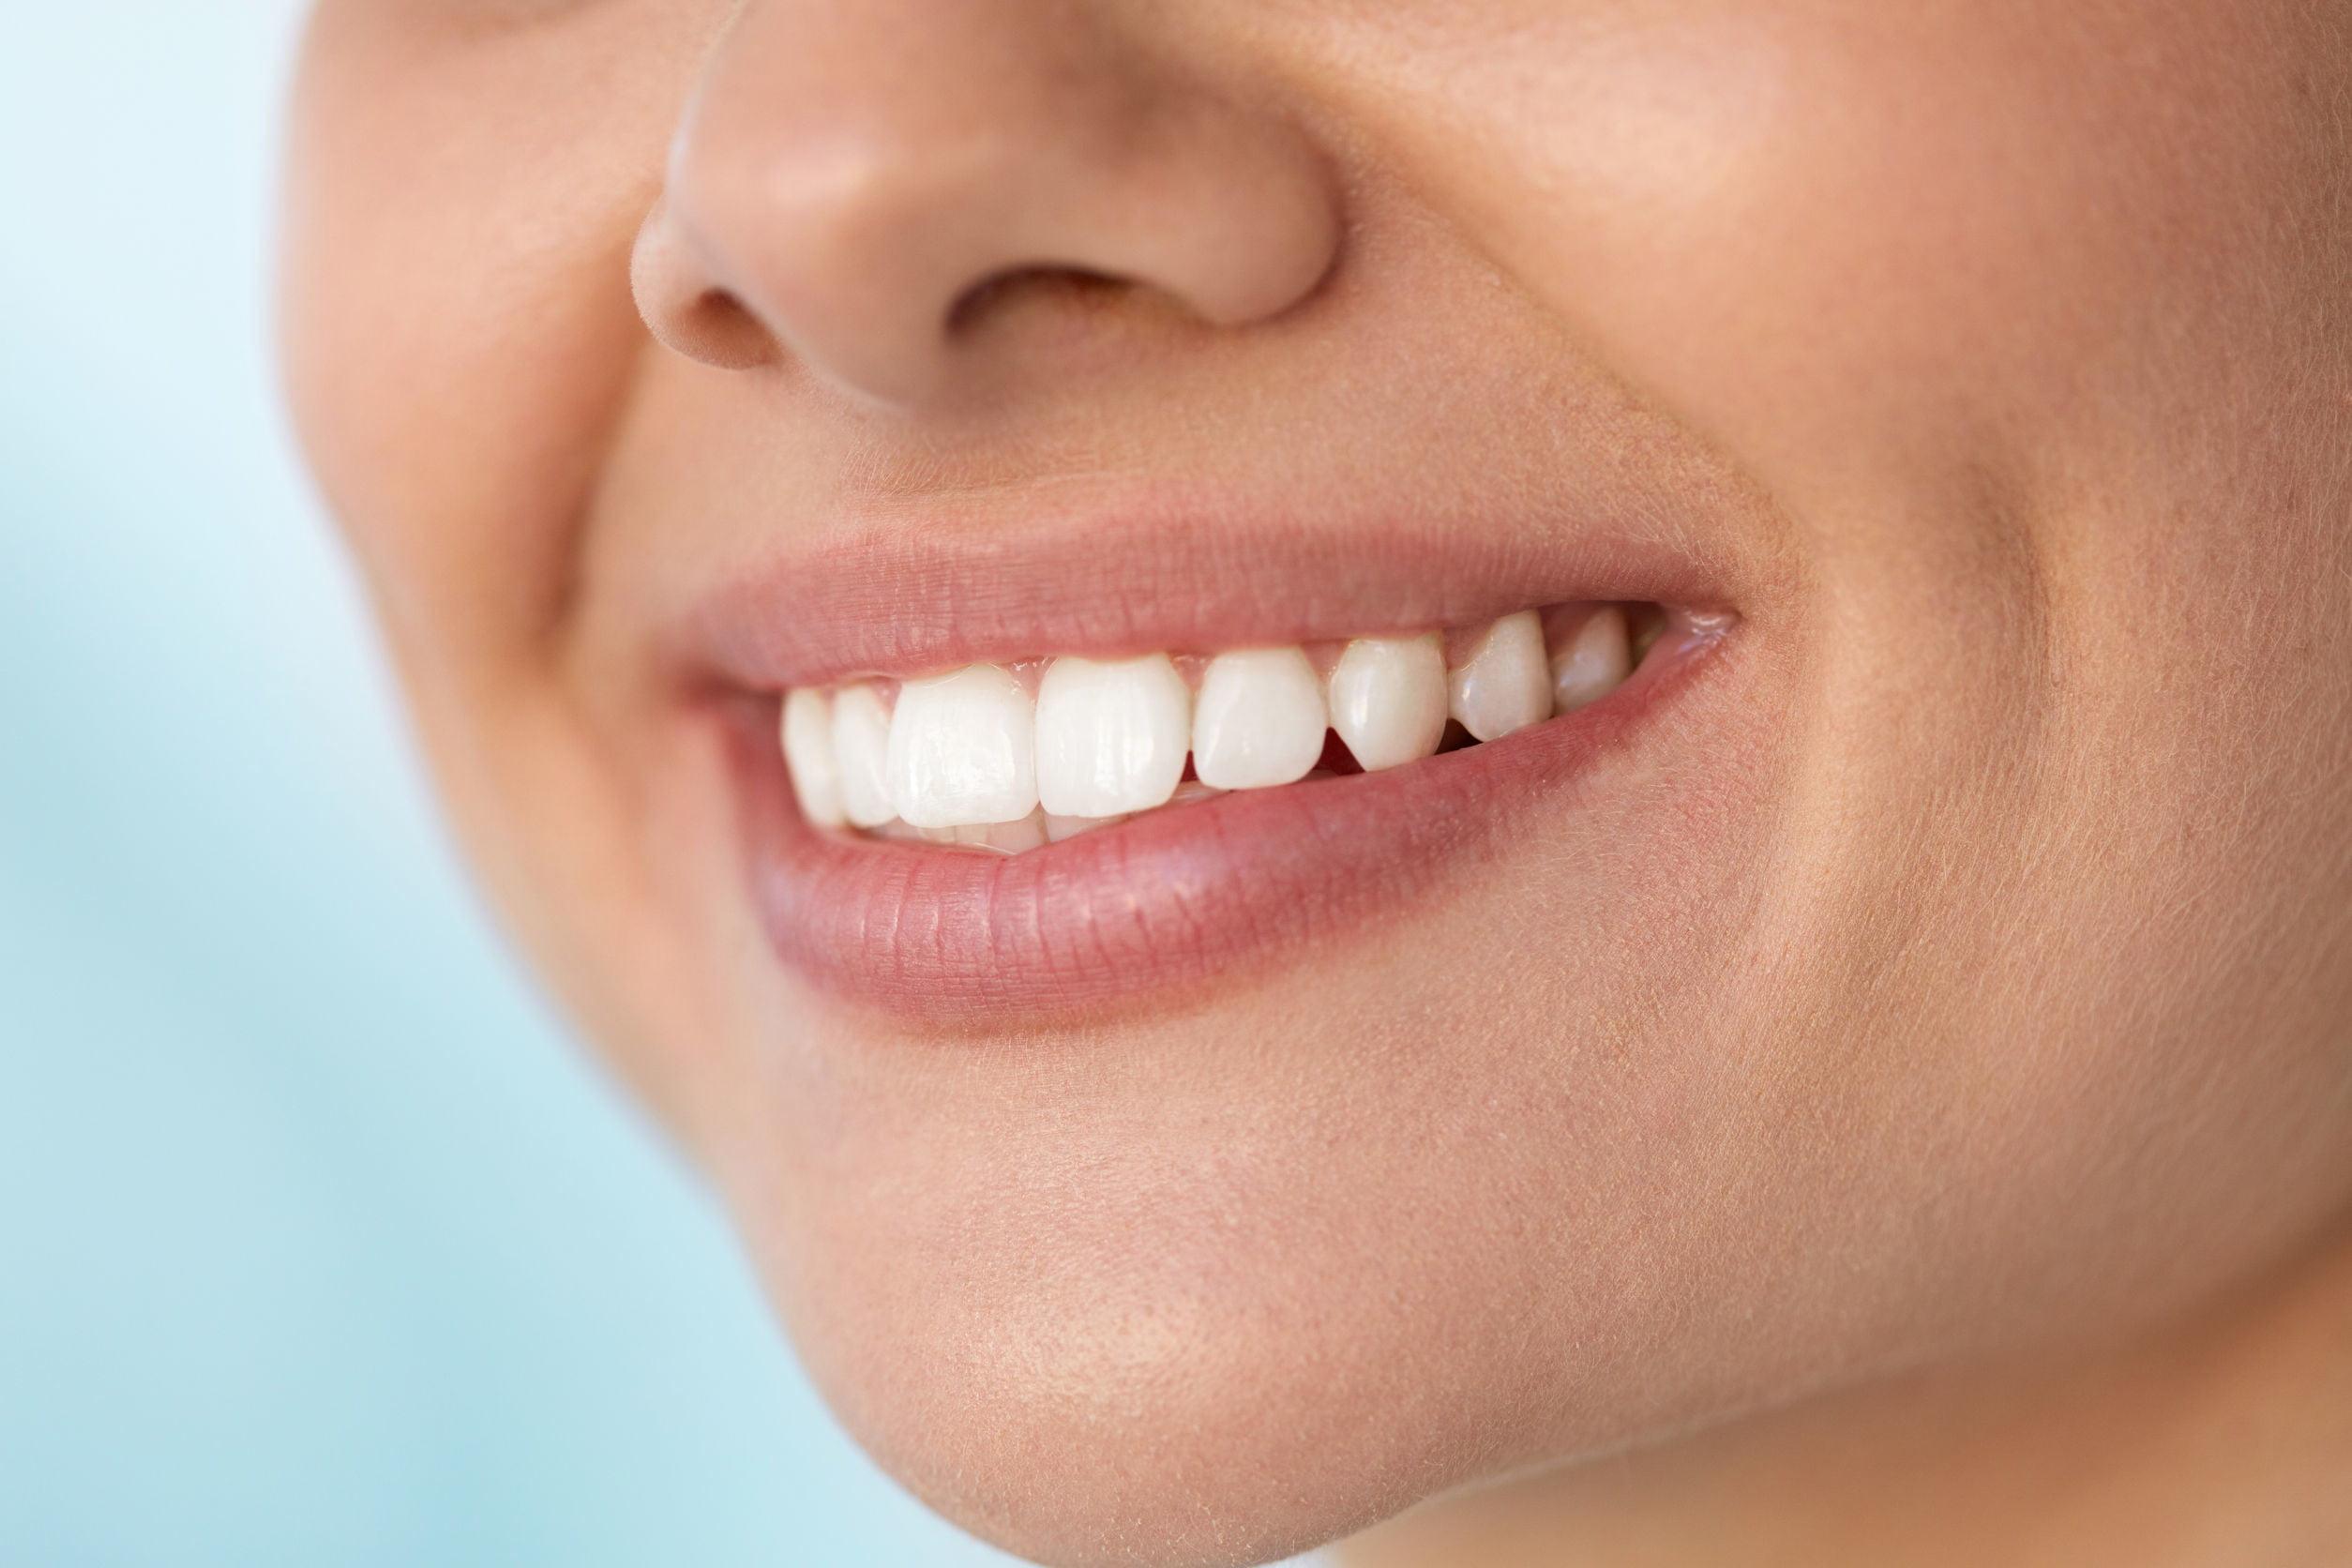 بهترین راه برای داشتن طرح لبخند زیبا